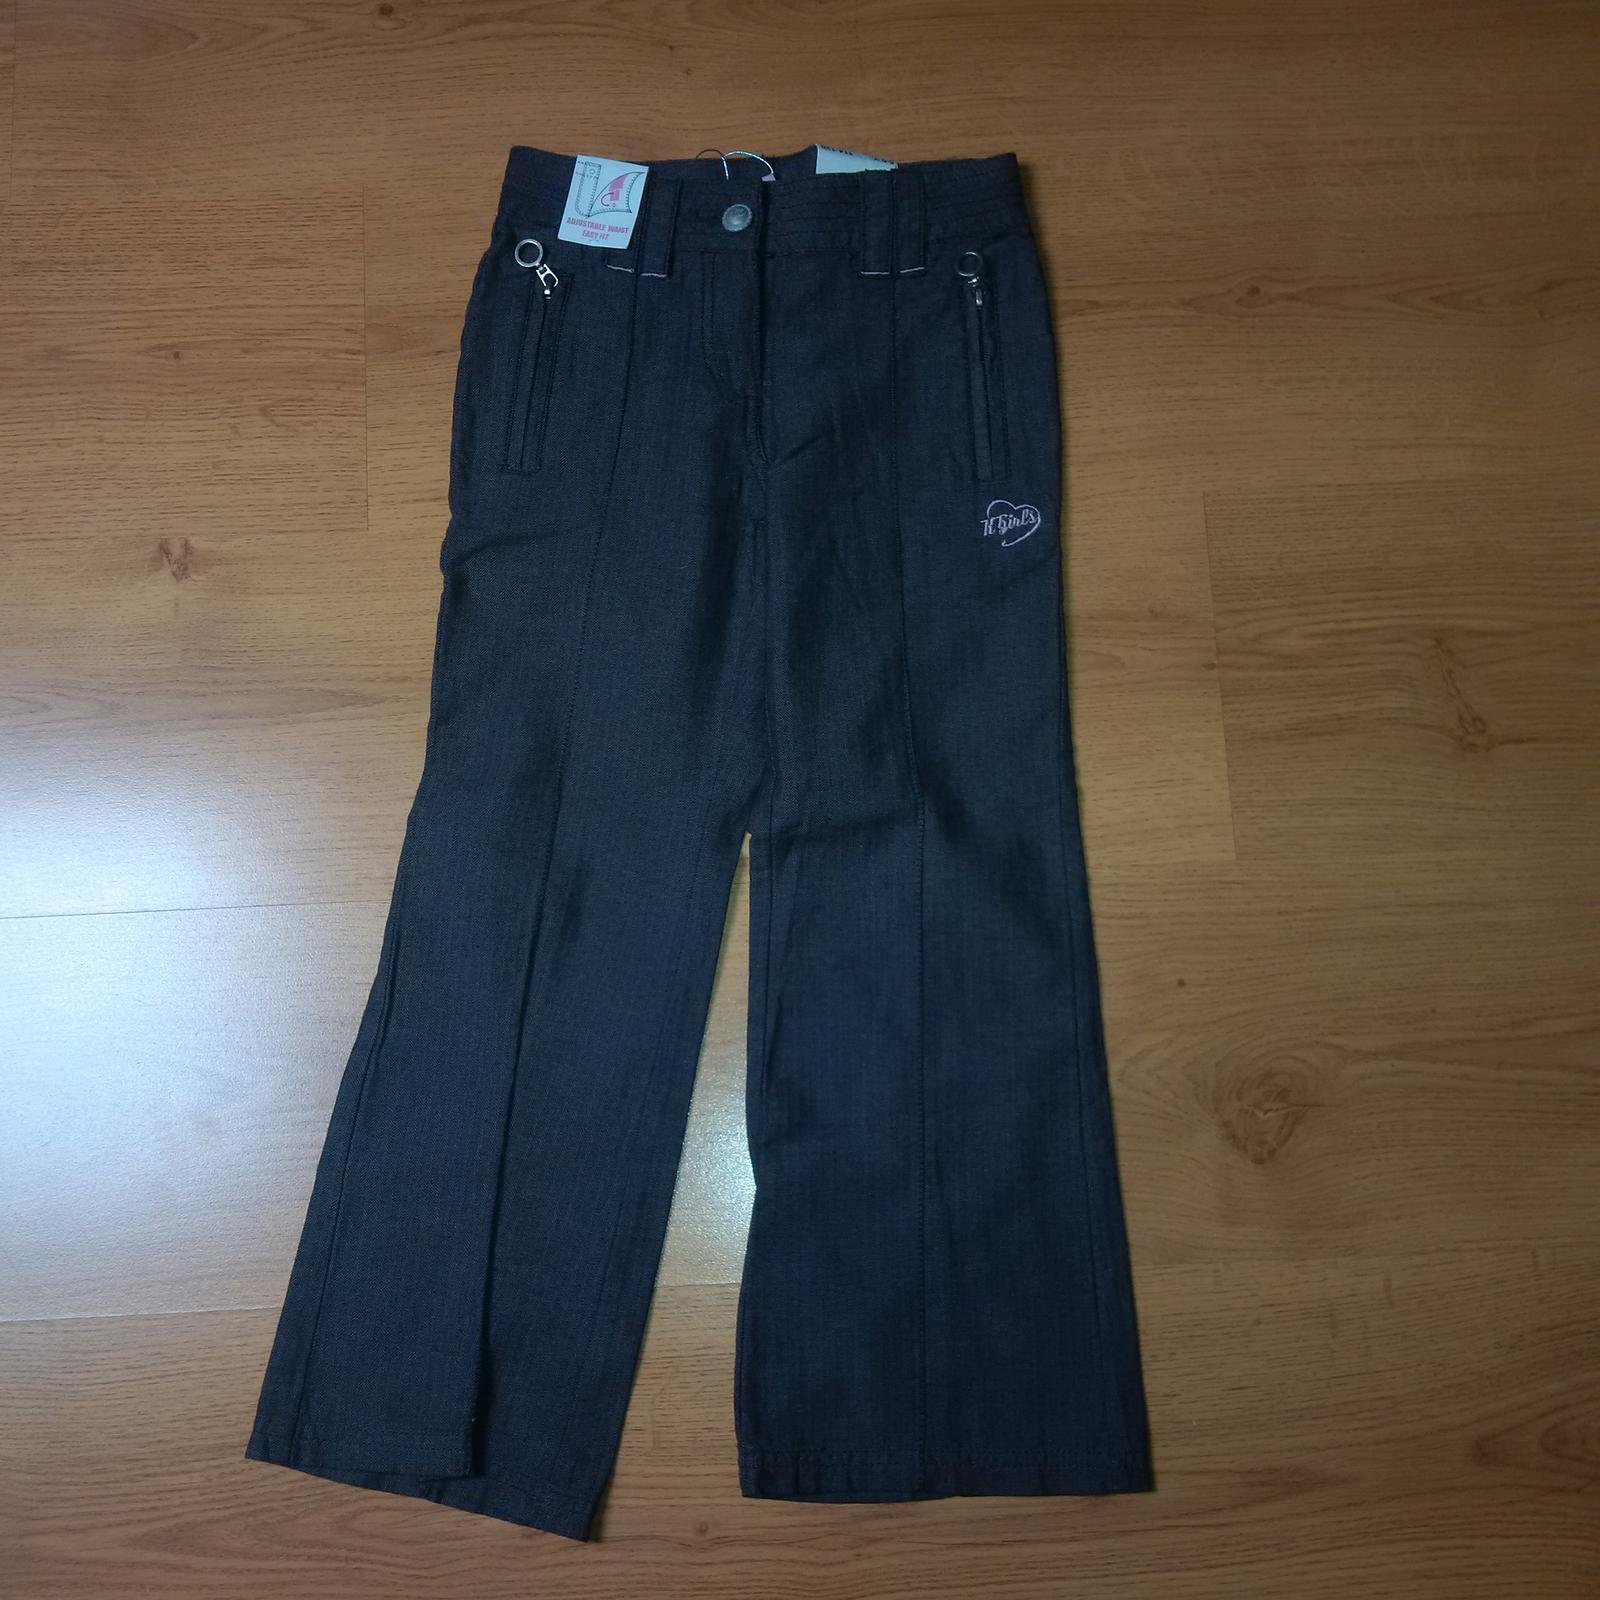 dívčí společenské kalhoty - Obrázek č. 1